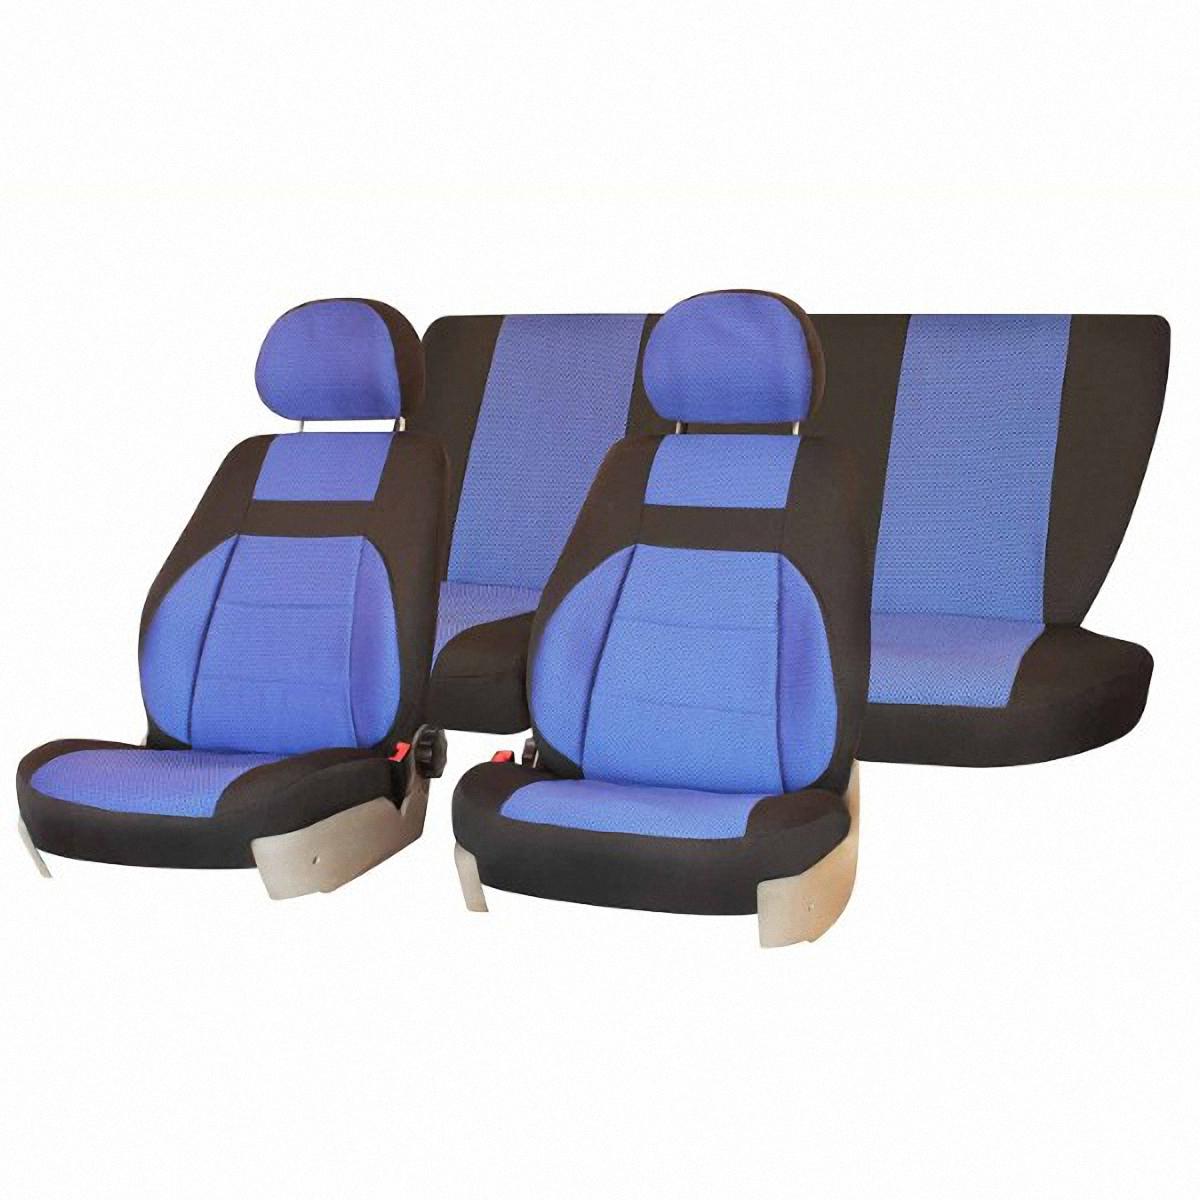 Чехлы автомобильные Skyway, для ВАЗ-2112, хэтчбекCA-3505Автомобильные чехлы Skyway изготовлены из качественного жаккарда. Чехлы идеально повторяют штатную форму сидений и выглядят как оригинальная обивка сидений. Разработаны индивидуально для каждой модели автомобиля. Авточехлы Skyway просты в уходе - загрязнения легко удаляются влажной тканью. Чехлы имеют раздельную схему надевания. В комплекте 12 предметов.